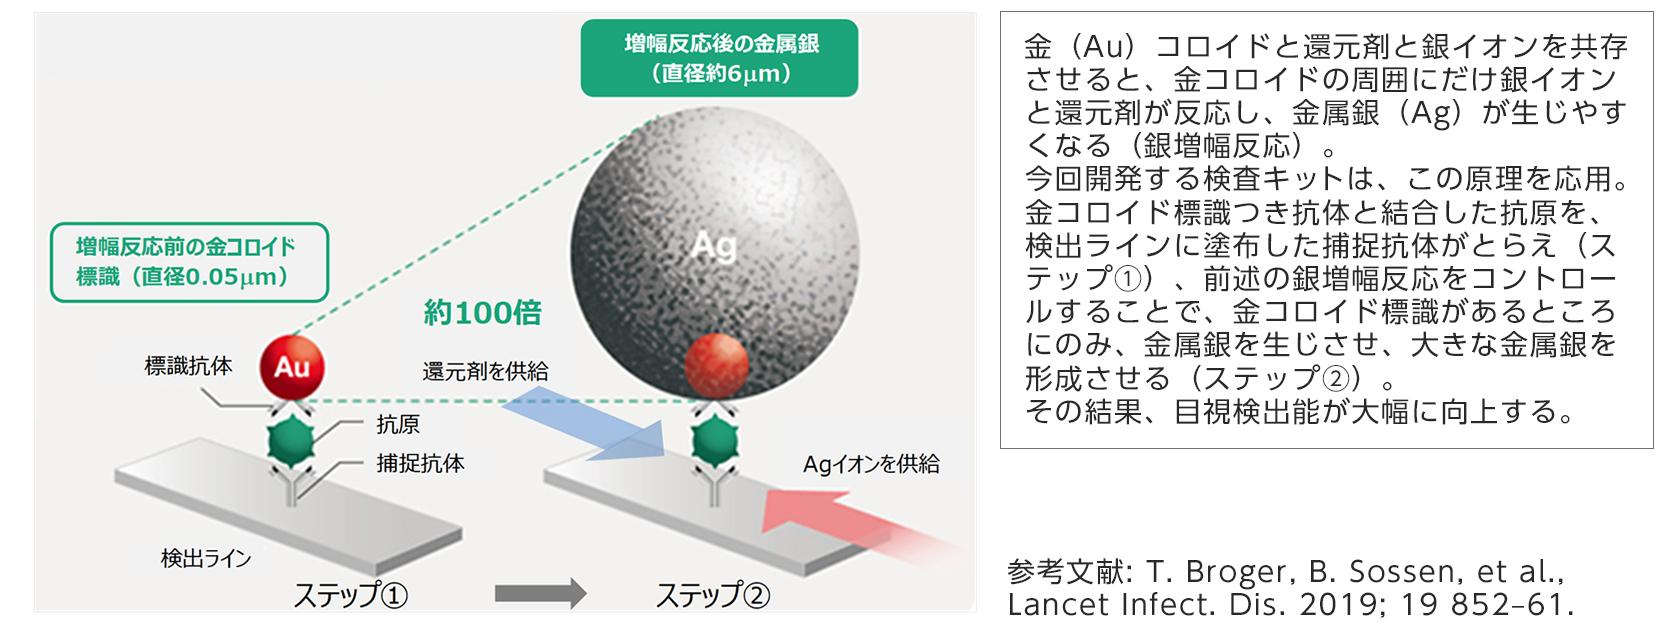 [図]今回開発する抗原検査キットに応用する銀増幅技術